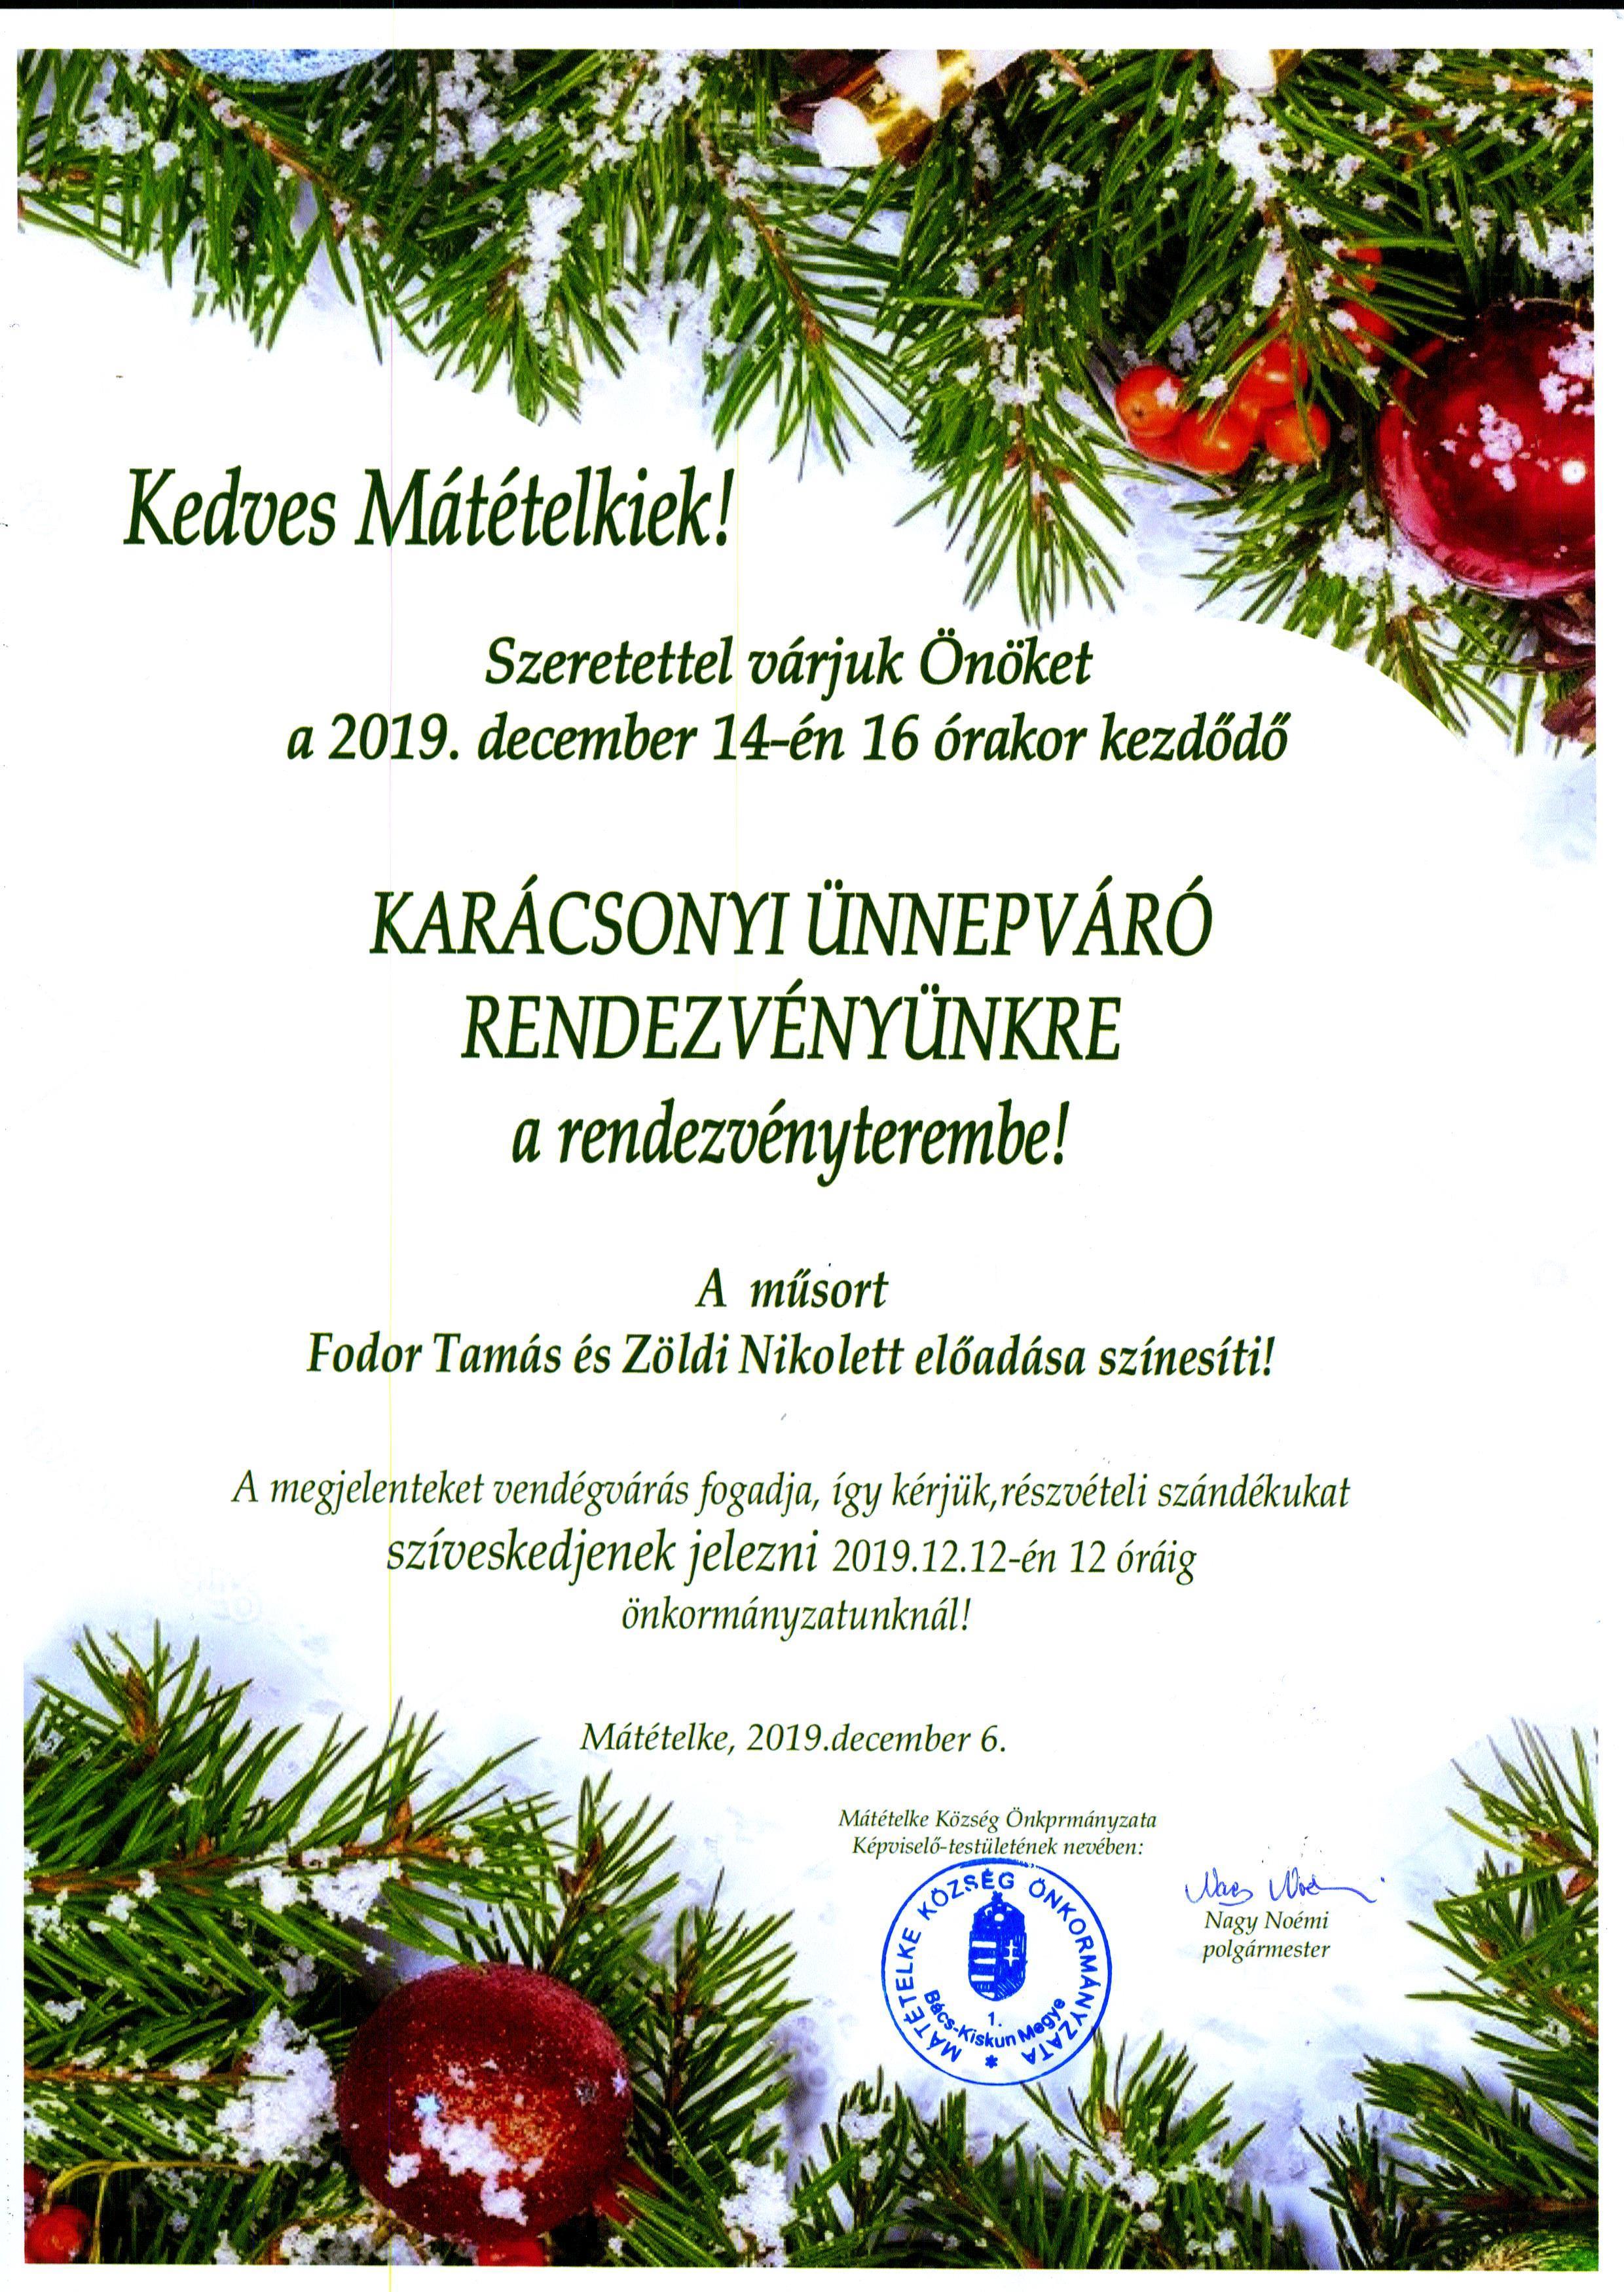 Karácsonyi Meghívó